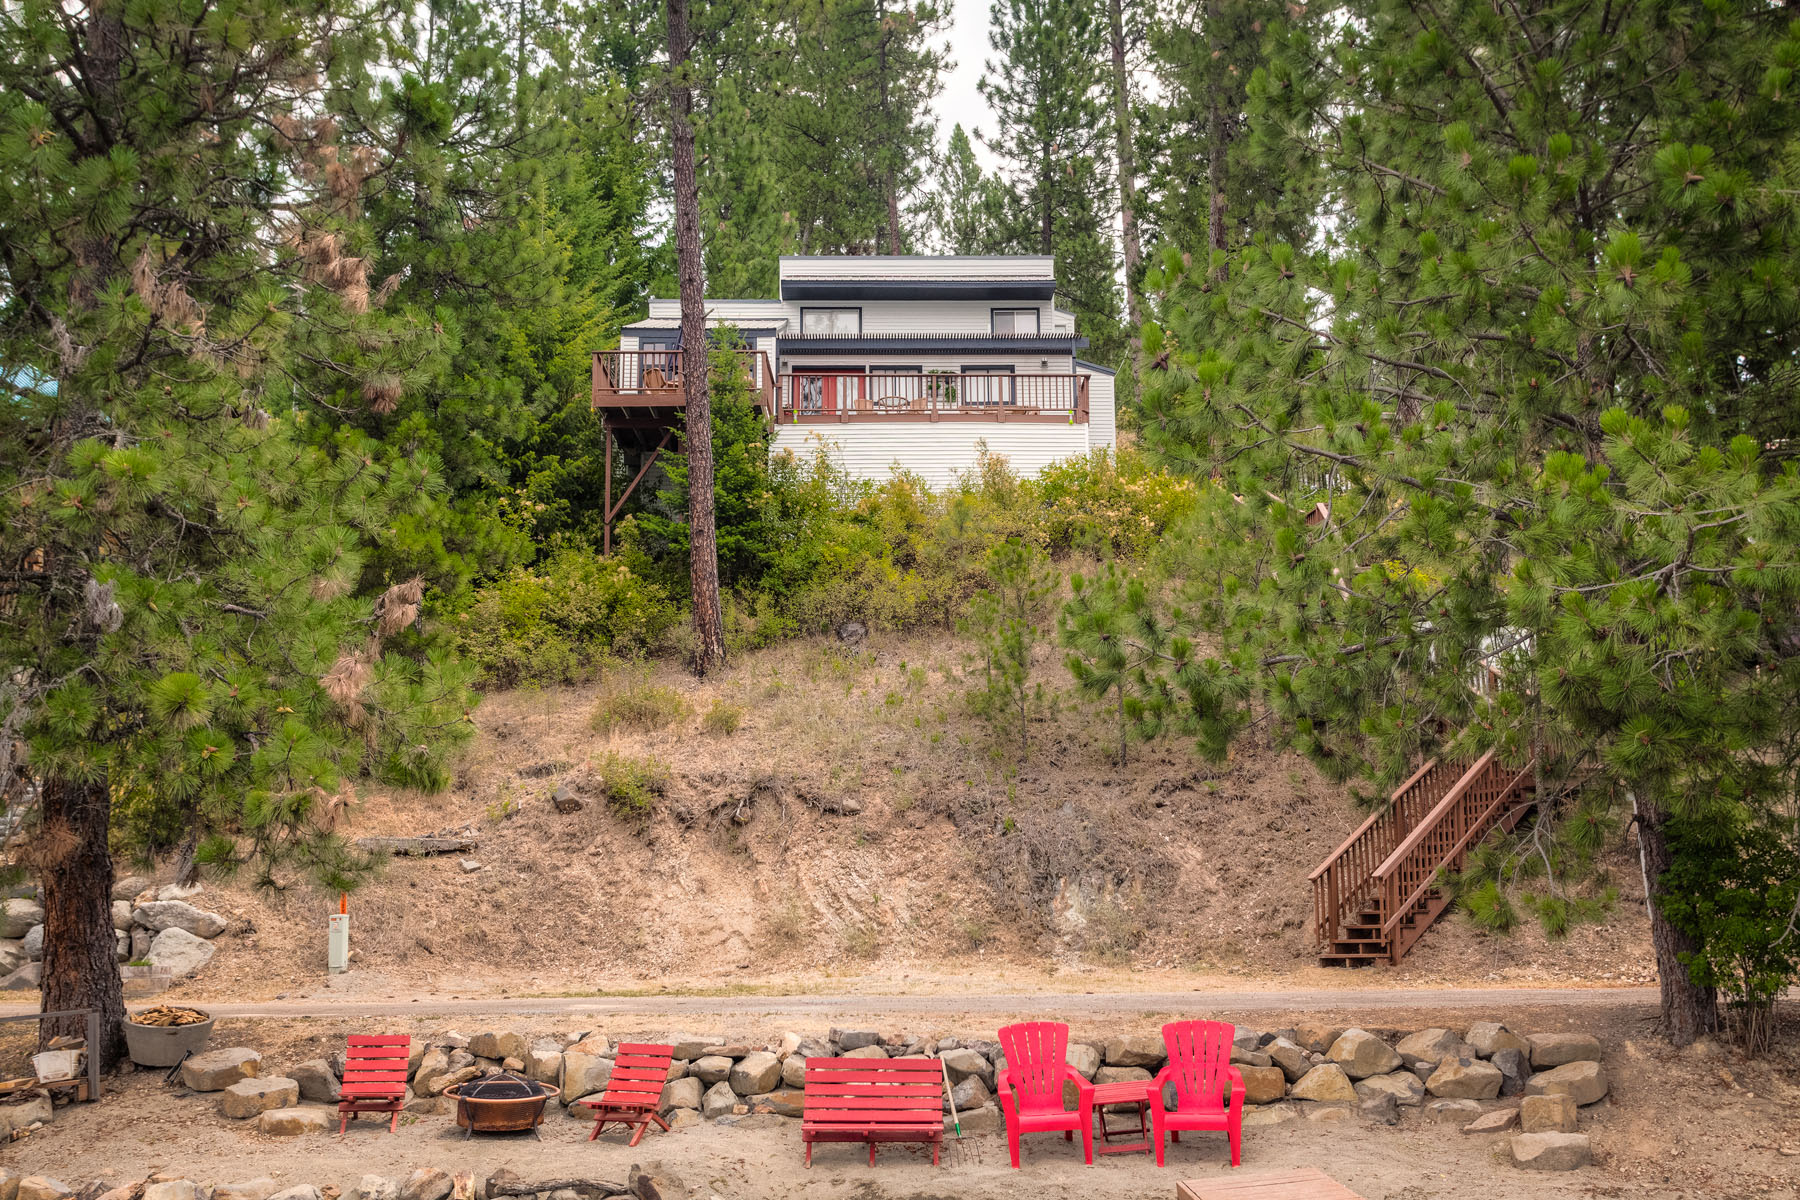 Casa Unifamiliar por un Venta en 15 Minutes From Downtown Coeur d'Alene 5380 S. Squaw Bay Rd. Harrison, Idaho 83833 Estados Unidos